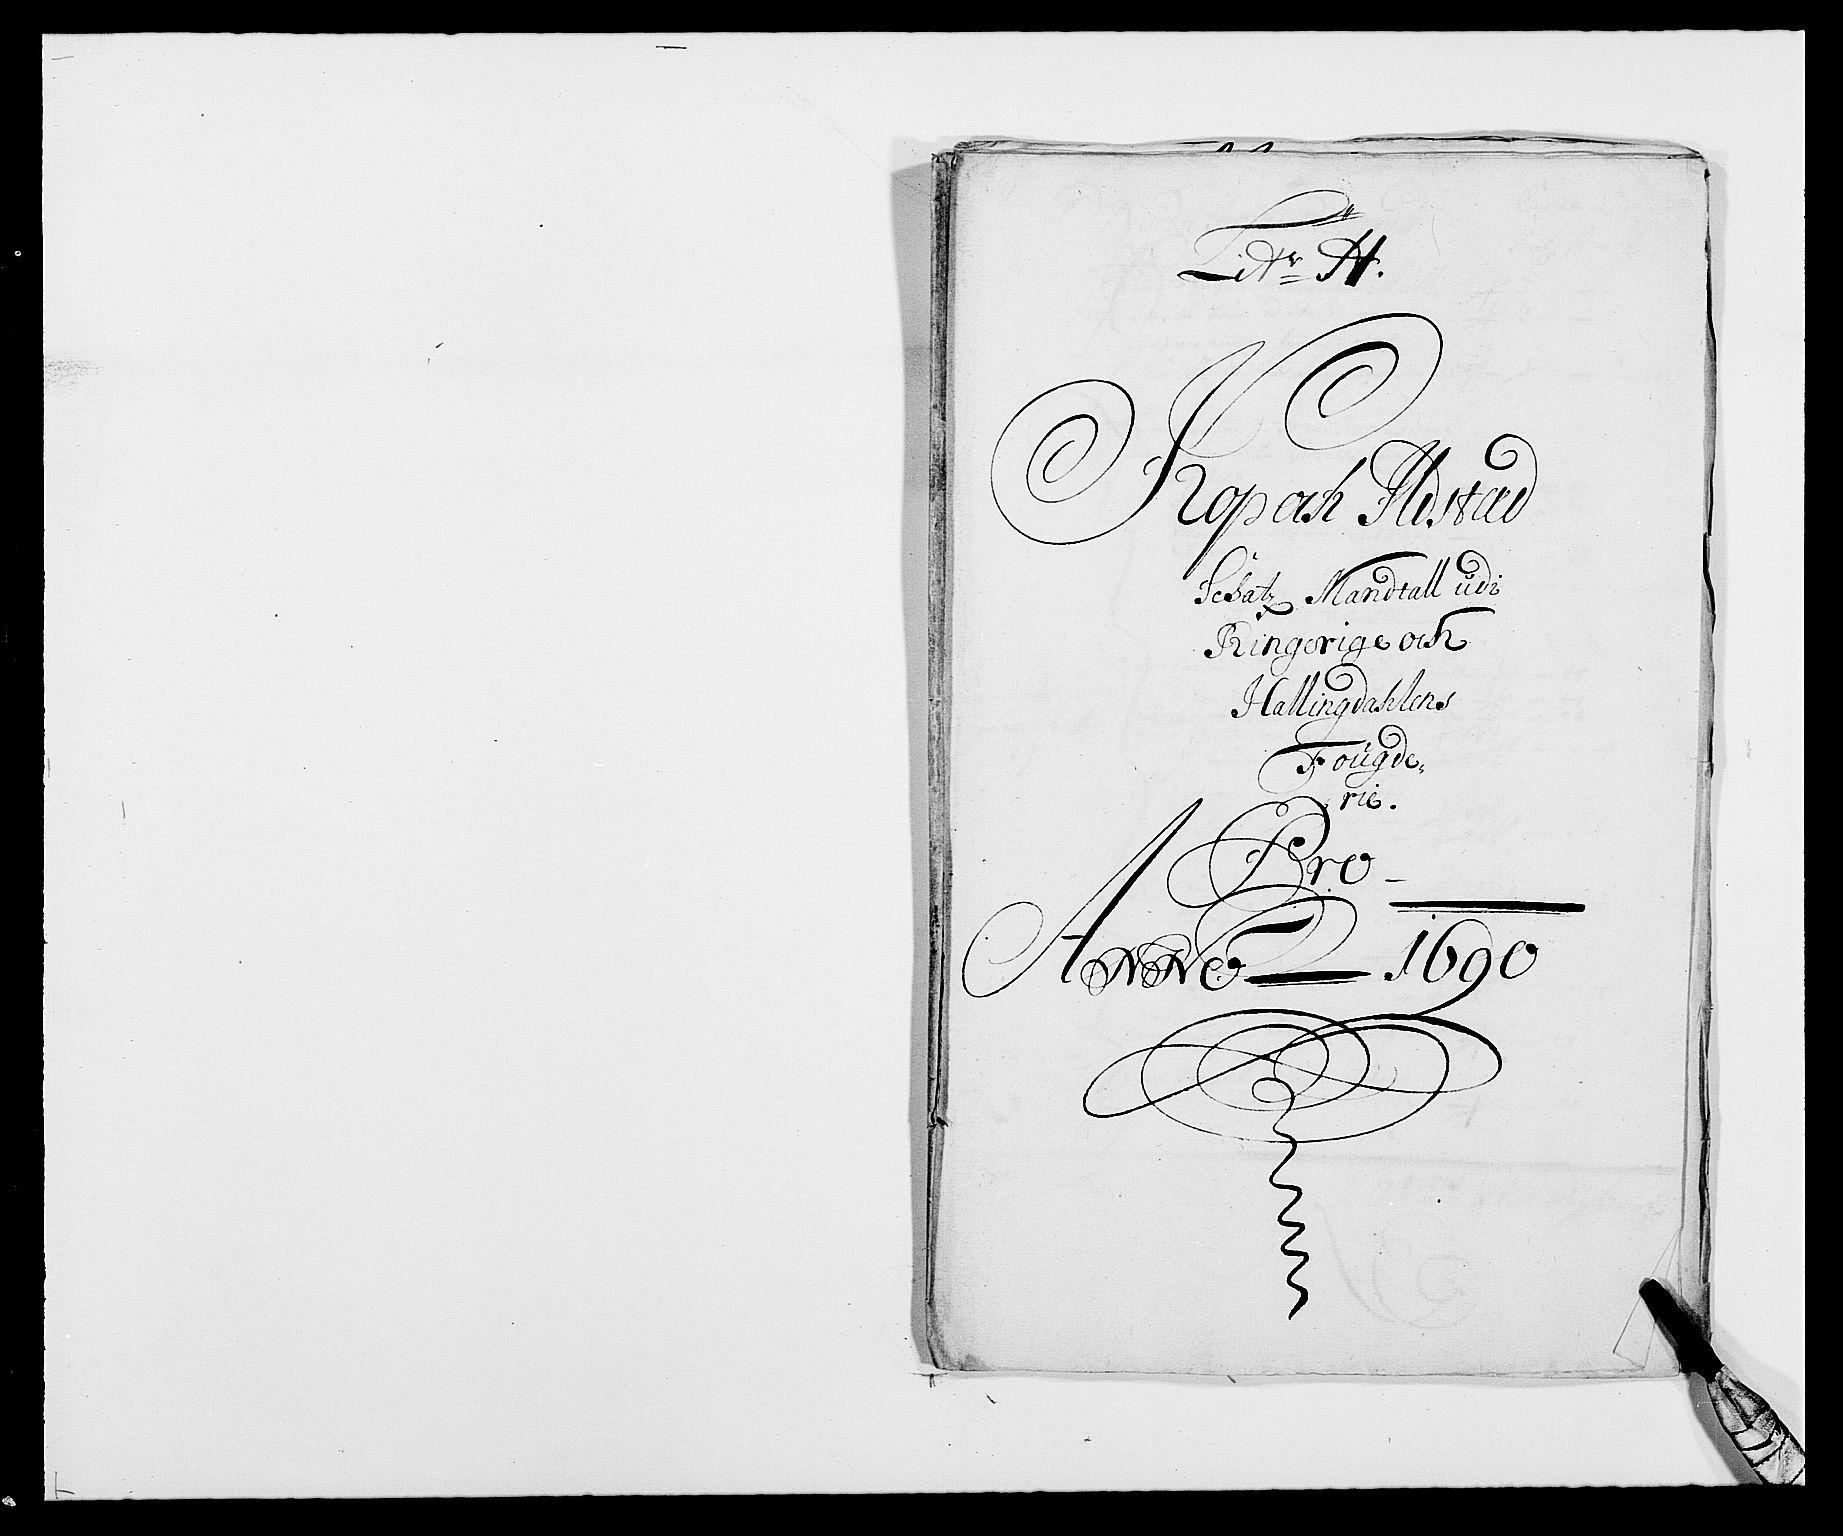 RA, Rentekammeret inntil 1814, Reviderte regnskaper, Fogderegnskap, R21/L1448: Fogderegnskap Ringerike og Hallingdal, 1690-1692, s. 108